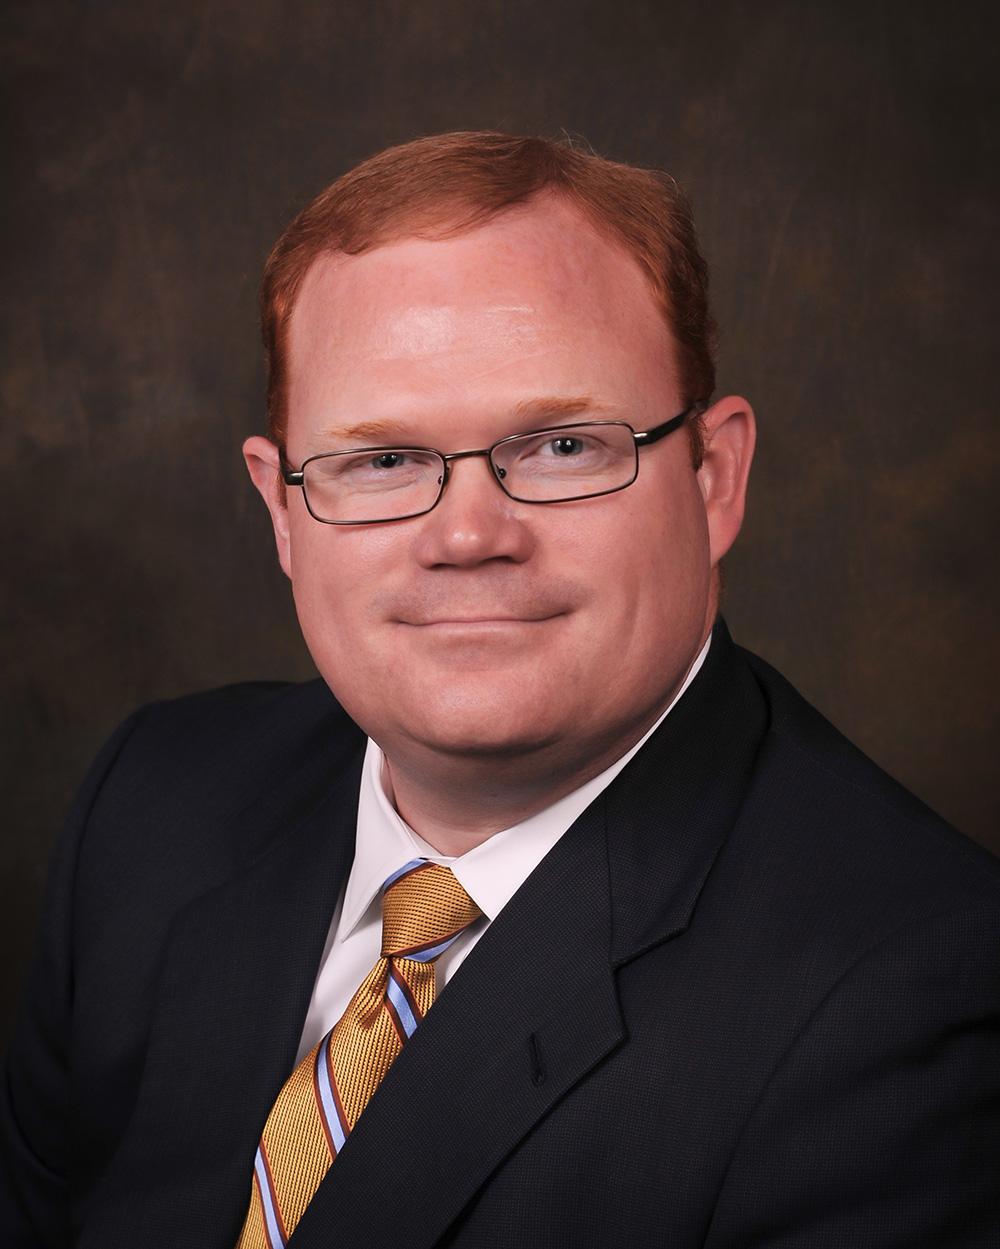 Sean C. Pierce